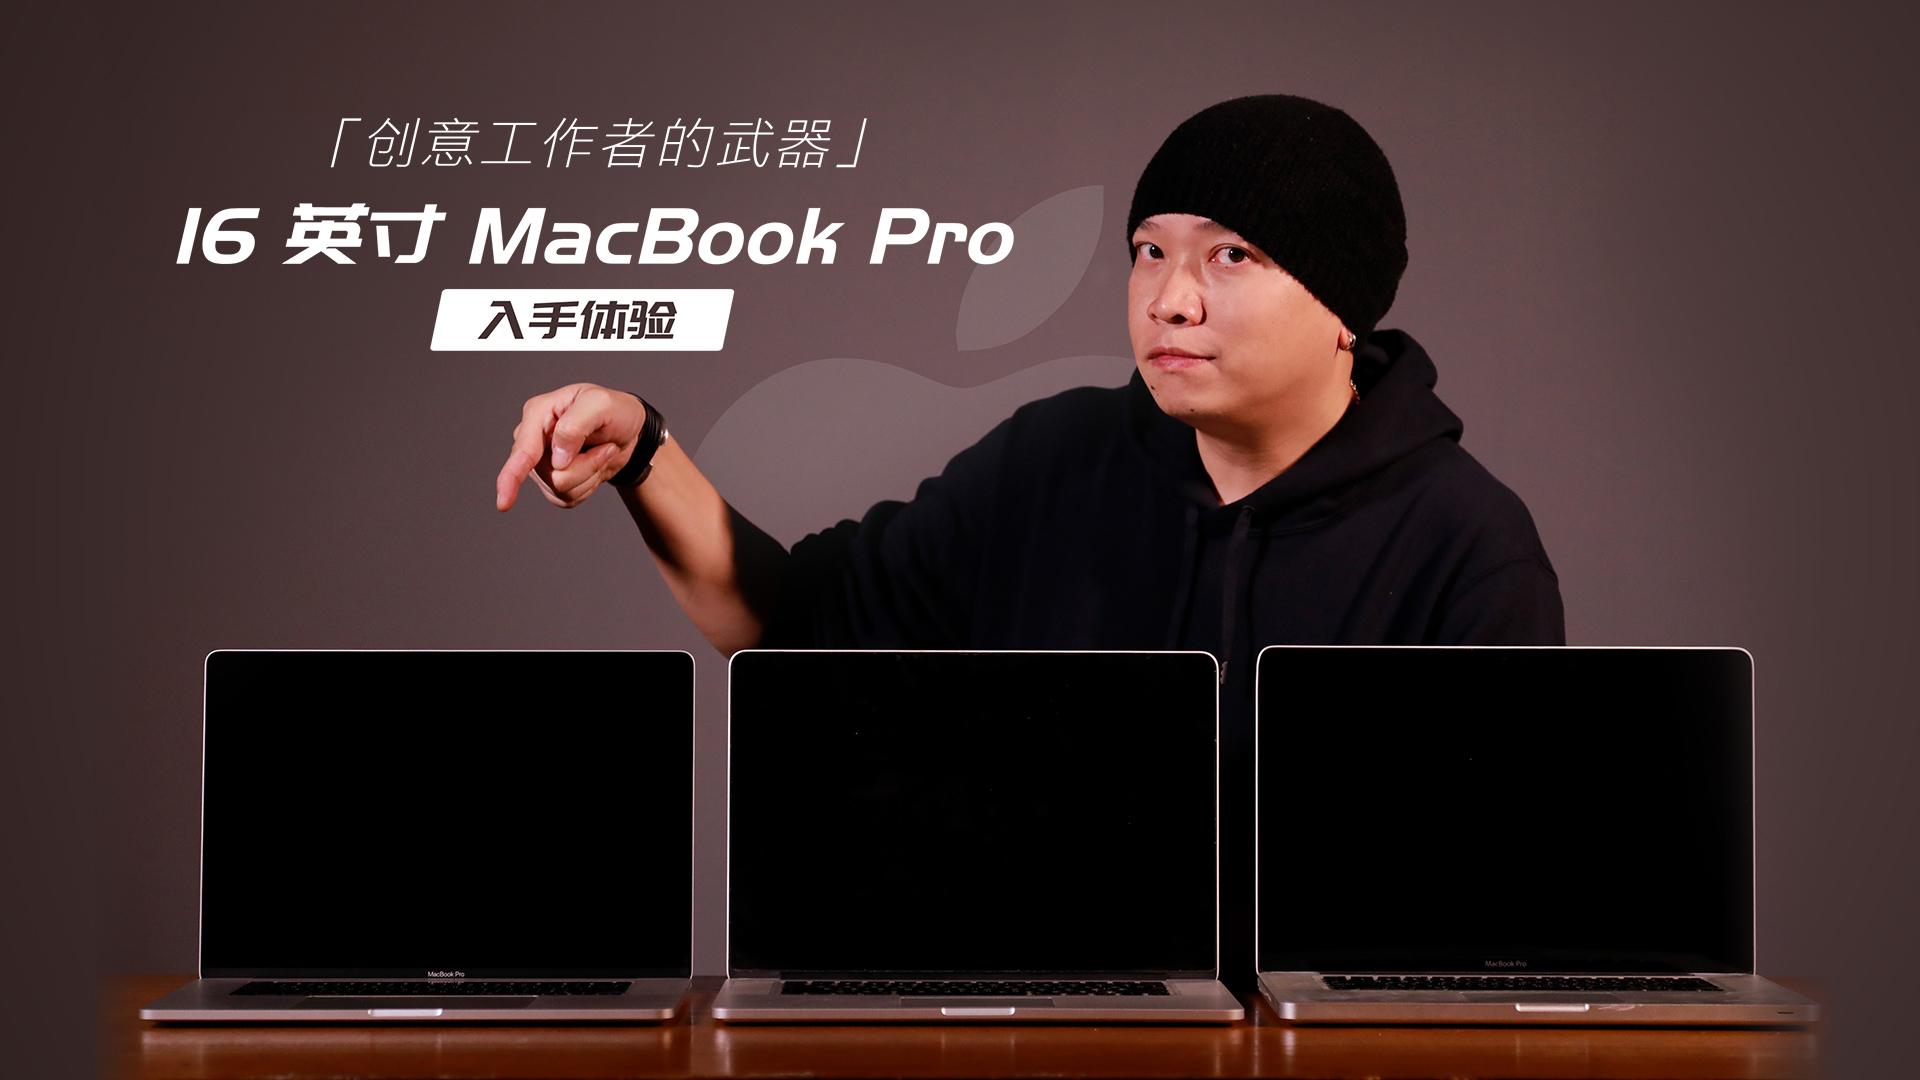 创意工作者的武器 16 英寸 MacBook Pro 上手